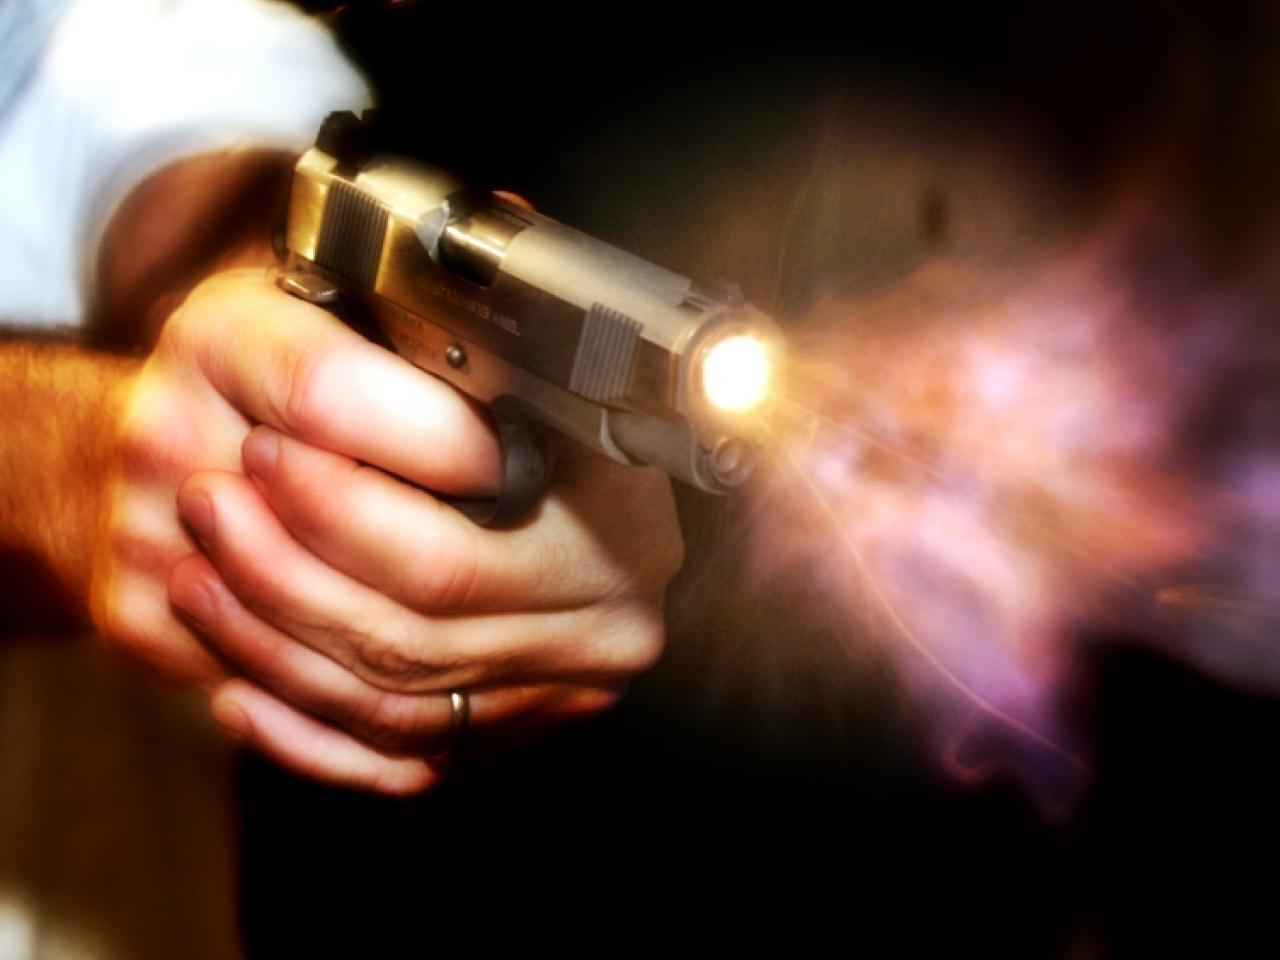 Flexibilização da posse e porte de armas- por que sou contra e tenho pavor